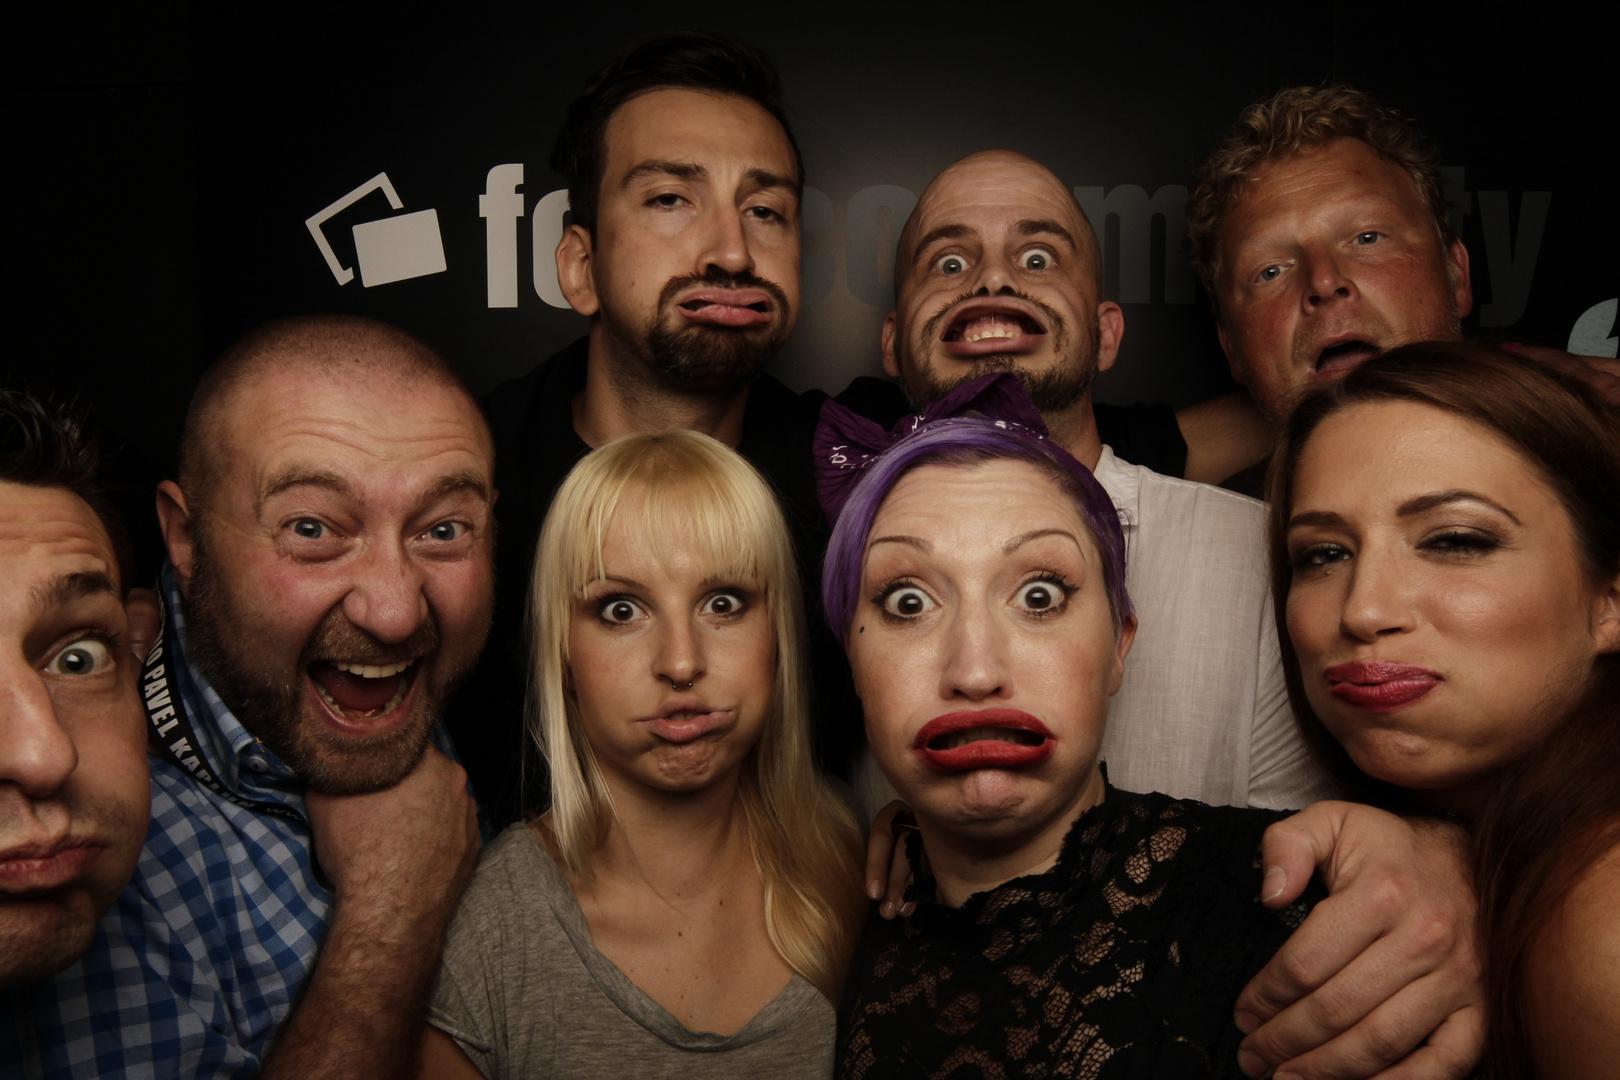 Ohne Worte - fotocommunity Partygäste